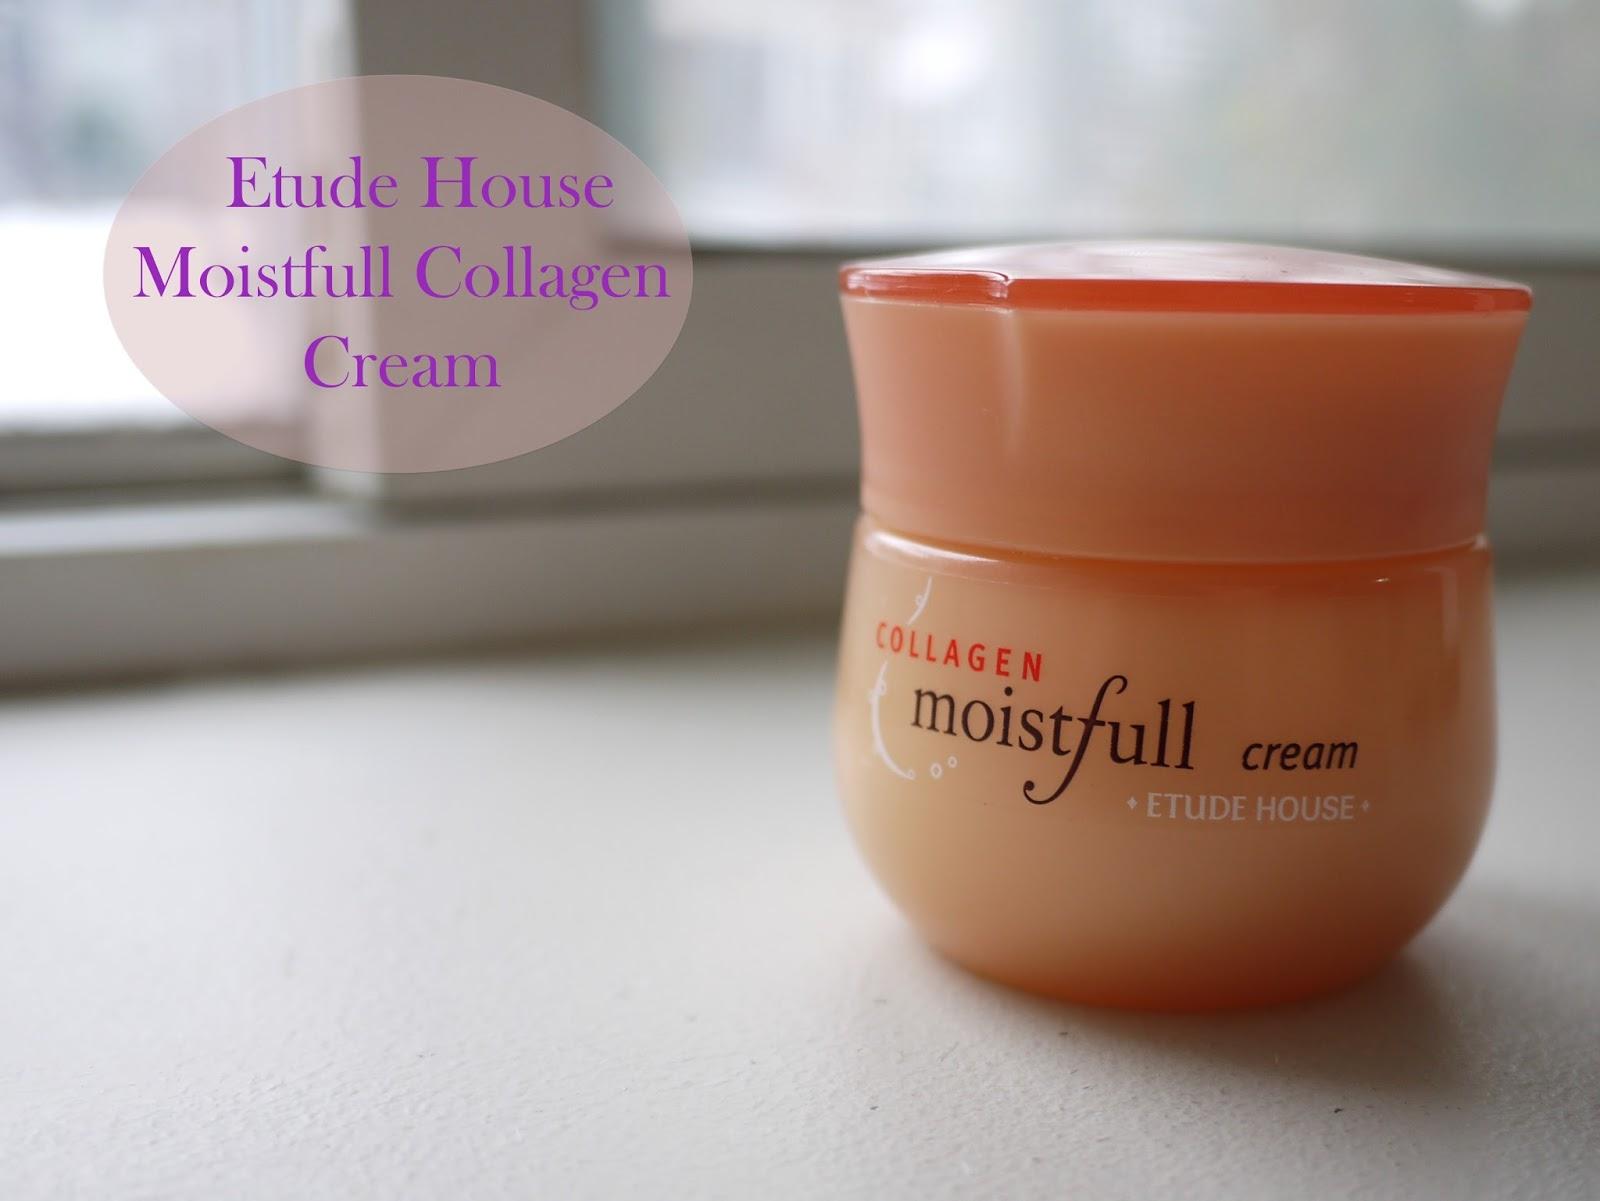 Etude House's Moistfull Collagen Cream review